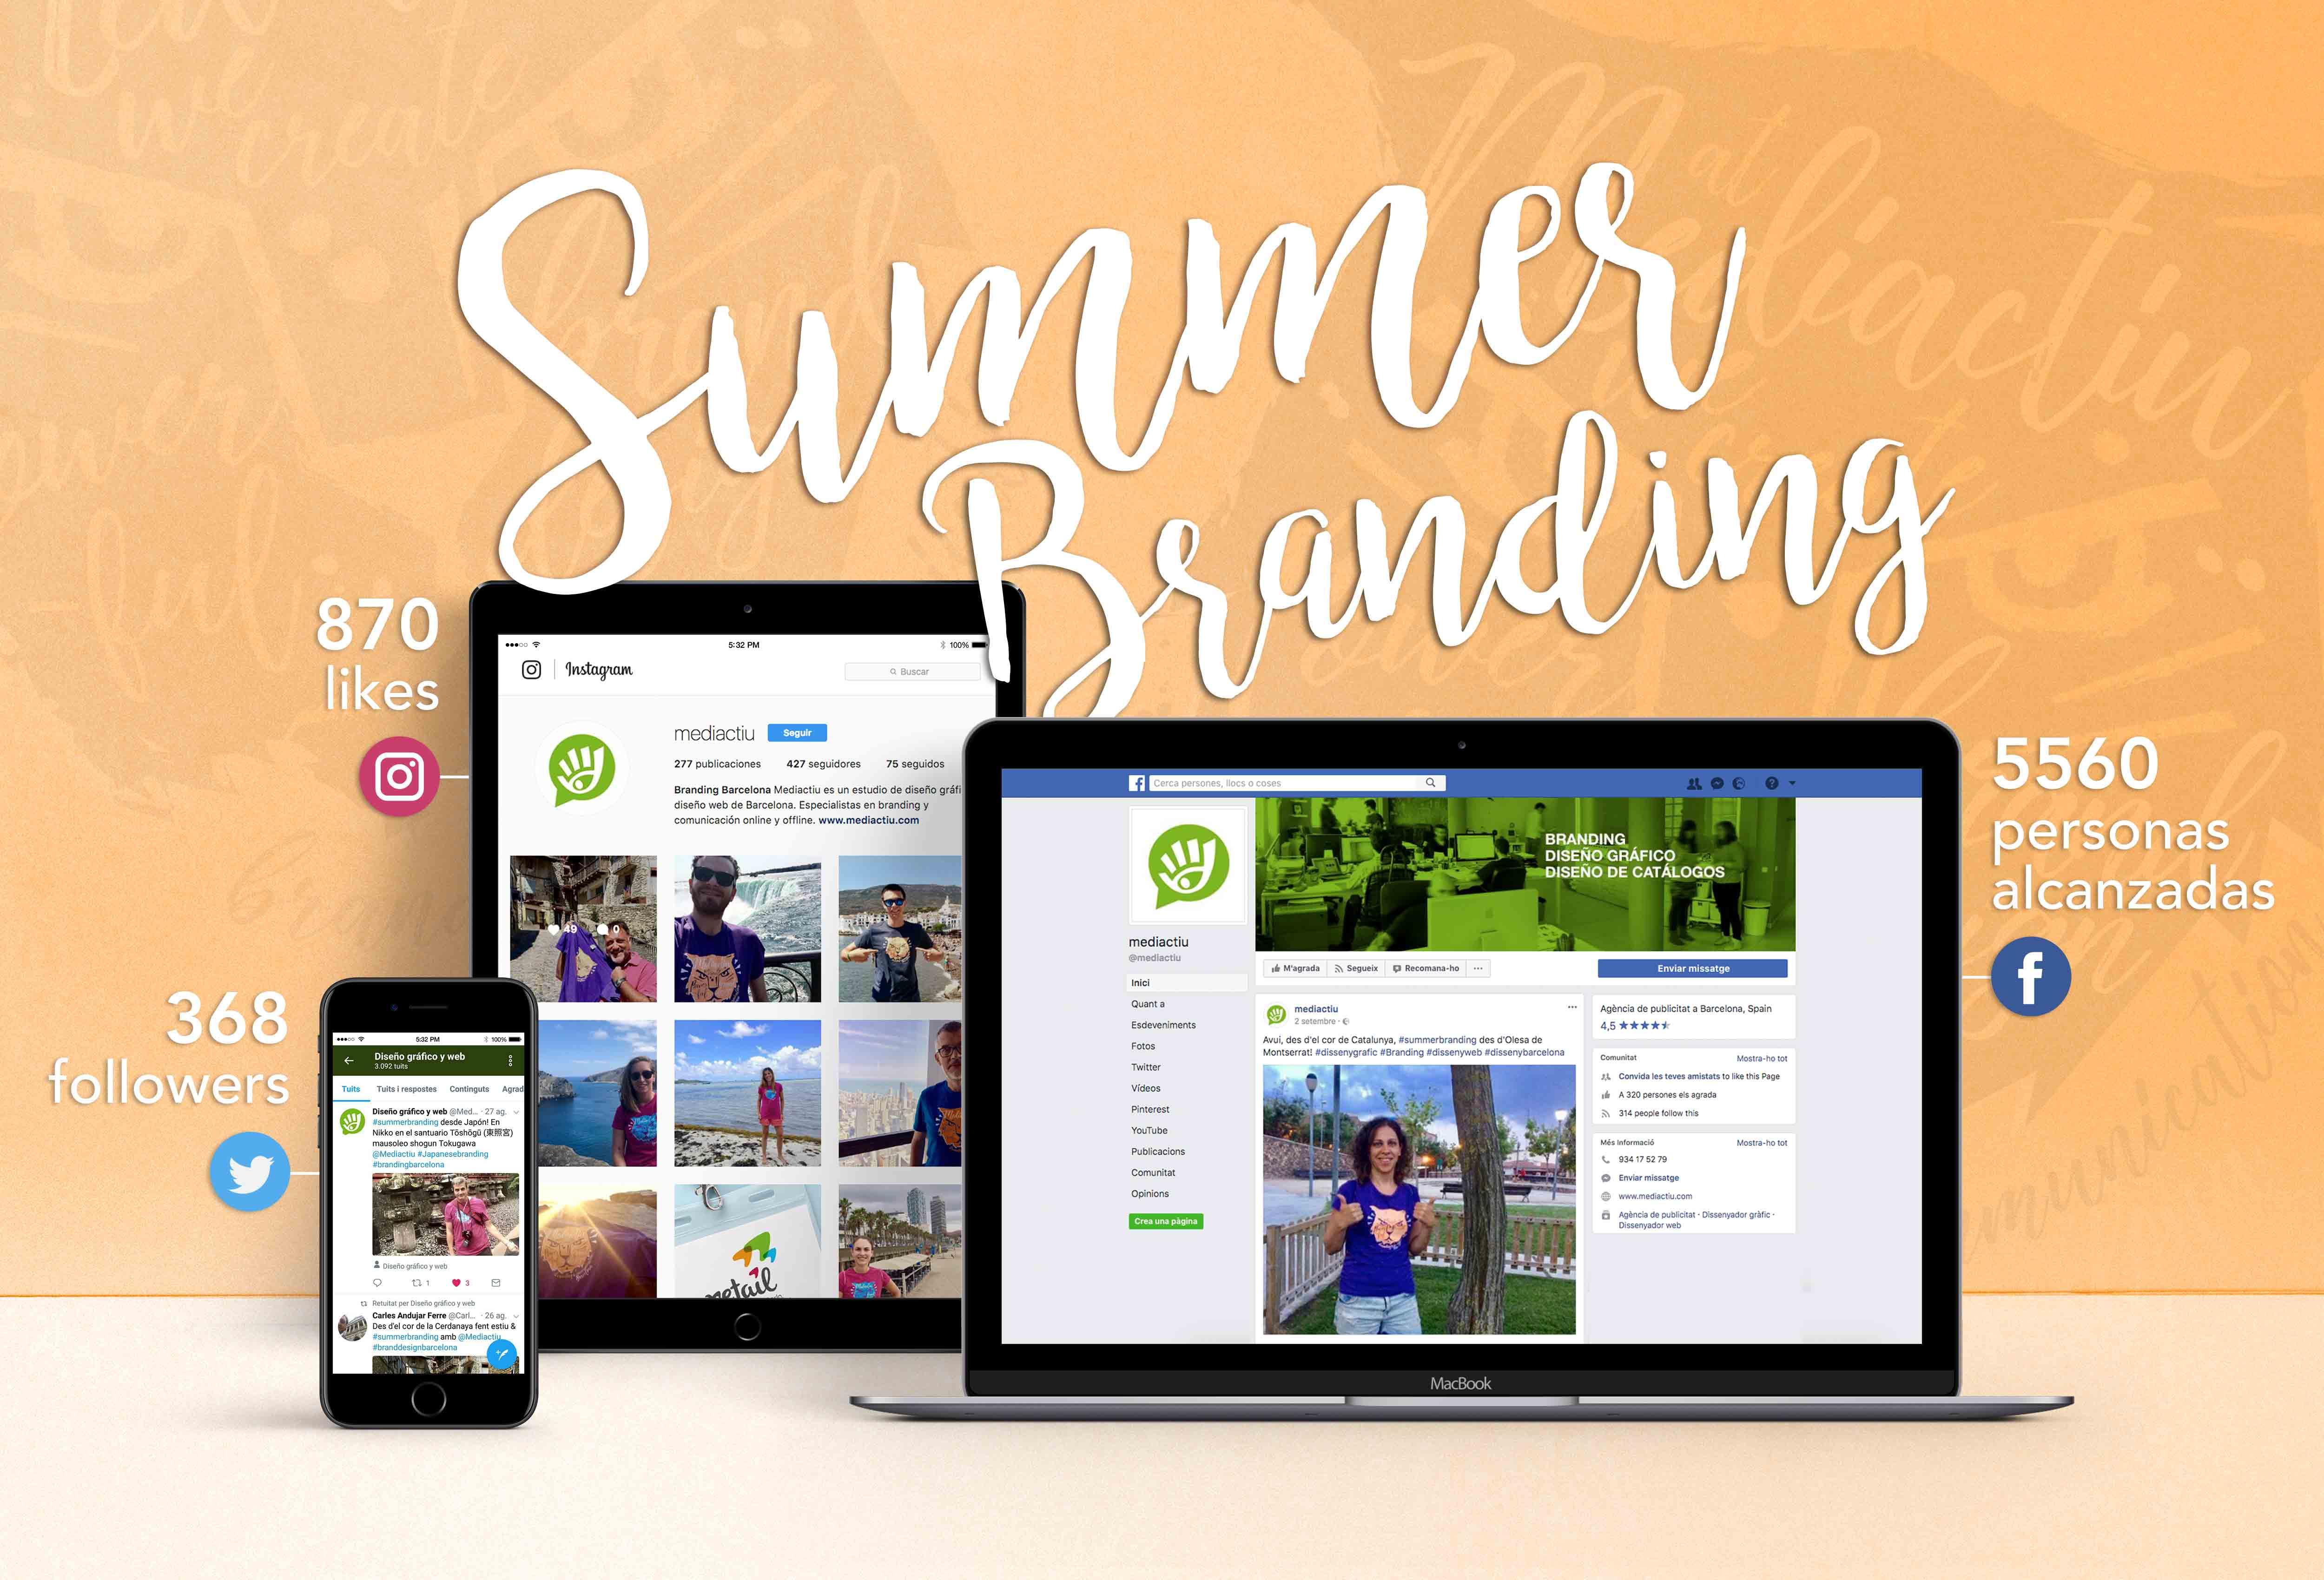 campana verano branding barcelona - ¿Eres de los que dejan la campaña de verano al azar o realizas una estrategia completa?